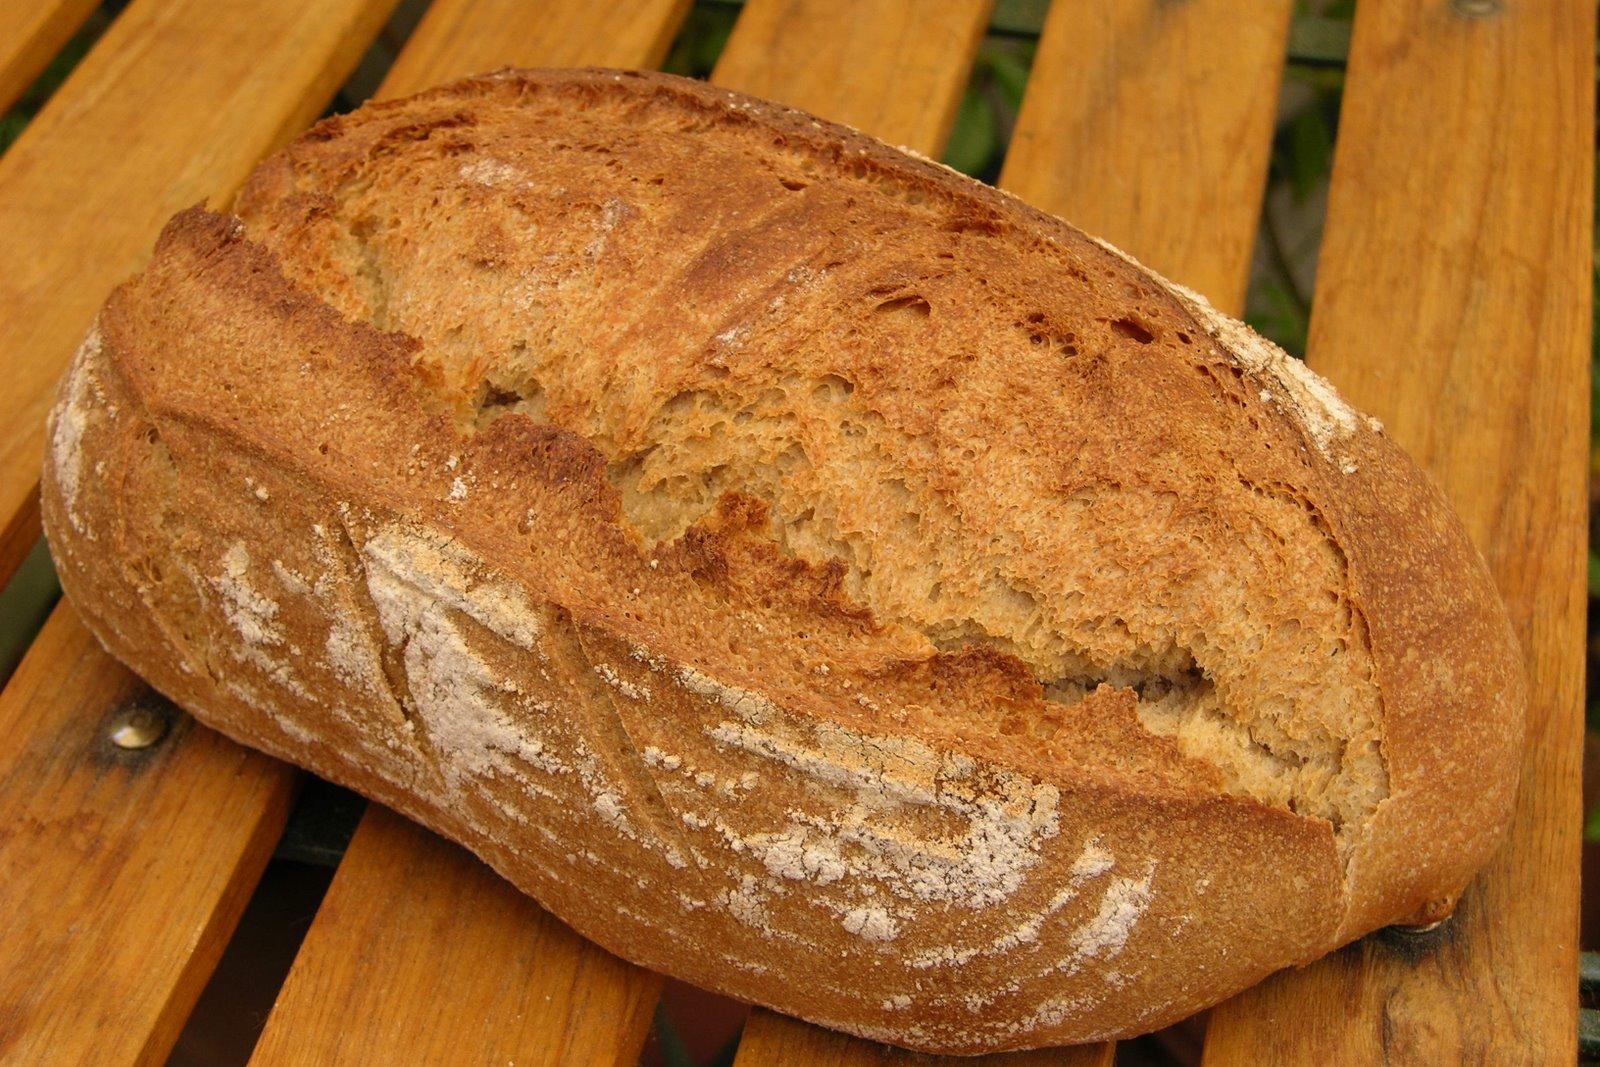 Pan de harina integral de trigo arag n03 madrid tiene miga - Harina integral de trigo ...